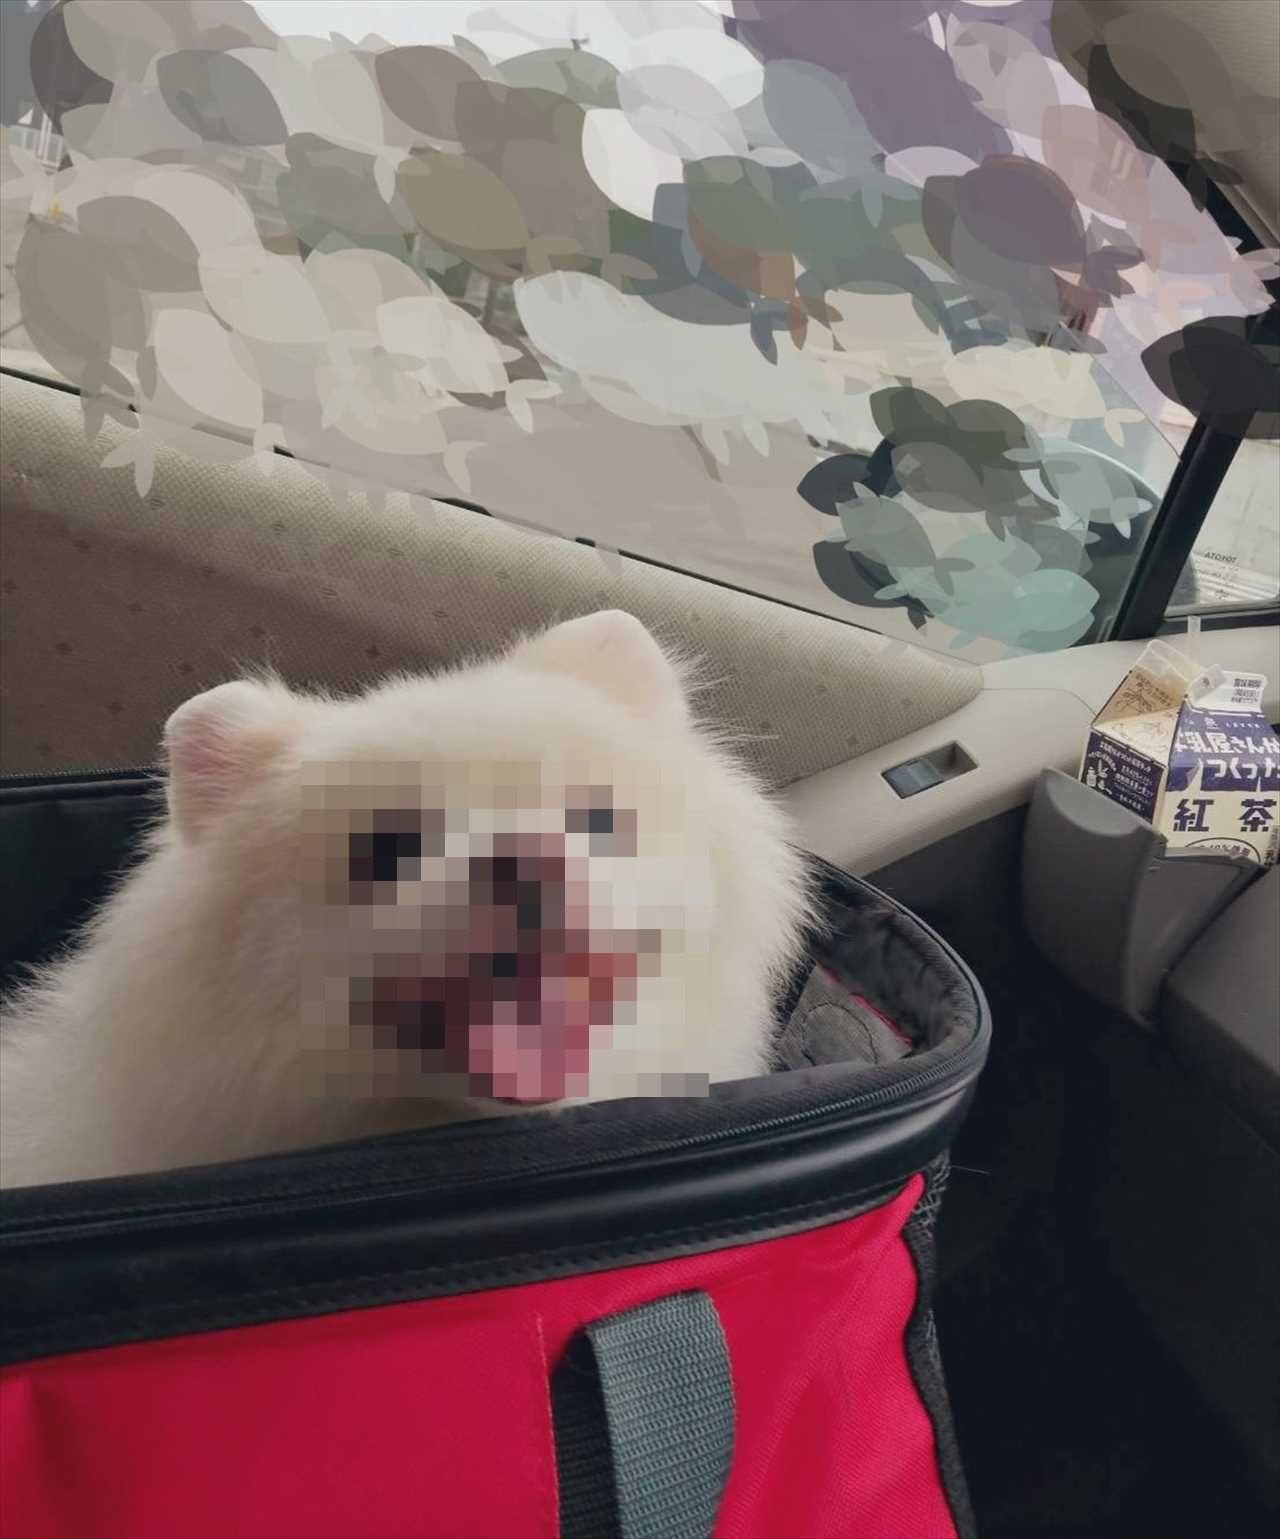 動物病院に連れていかれると思って震えていたワンコが、とびっきりの笑顔を見せた理由とは!?